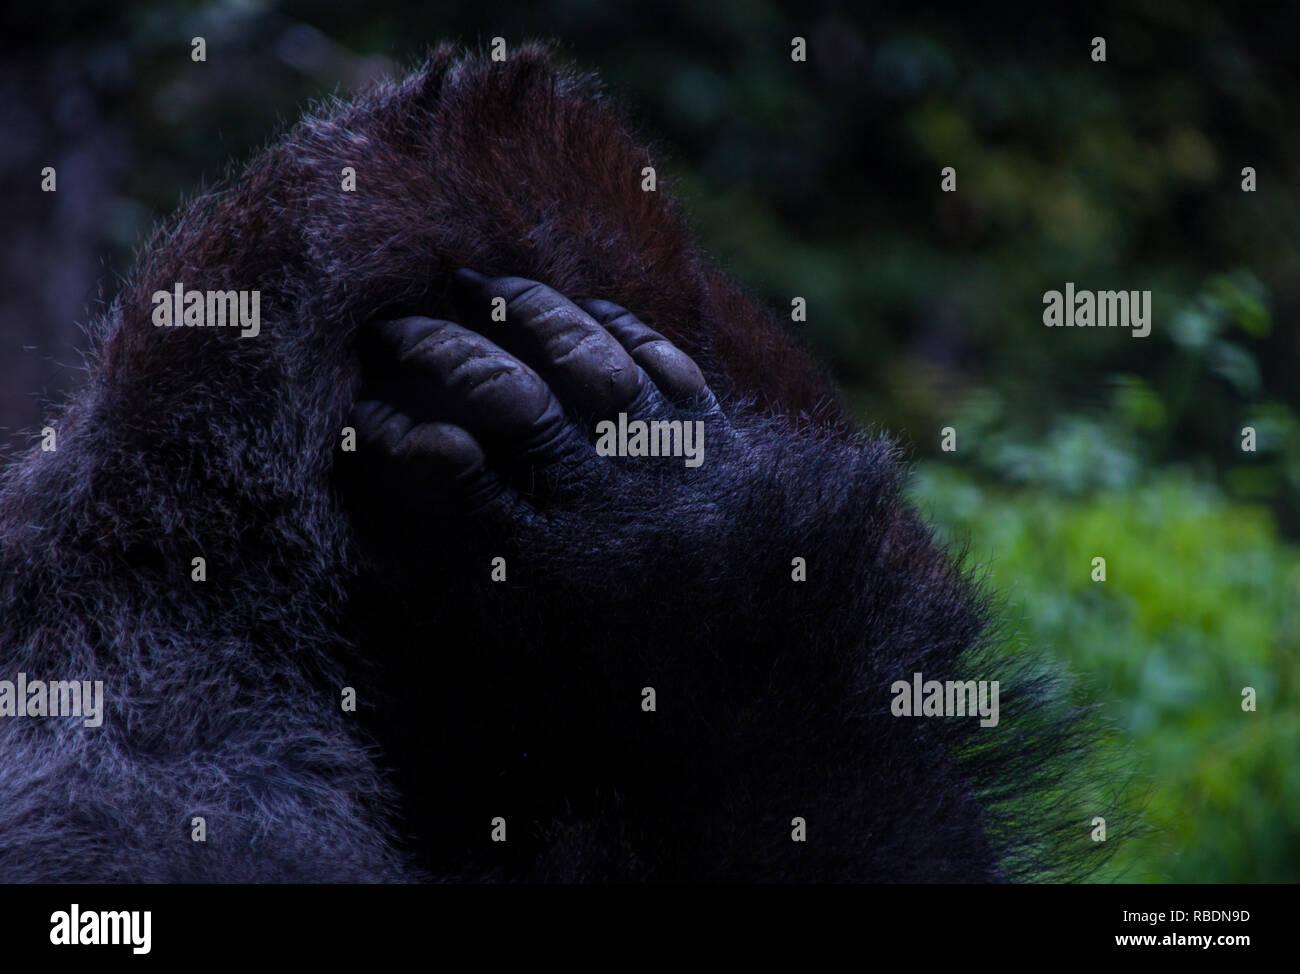 Un buen retrato de un gorila de las tierras bajas occidentales rascándose la cabeza Imagen De Stock